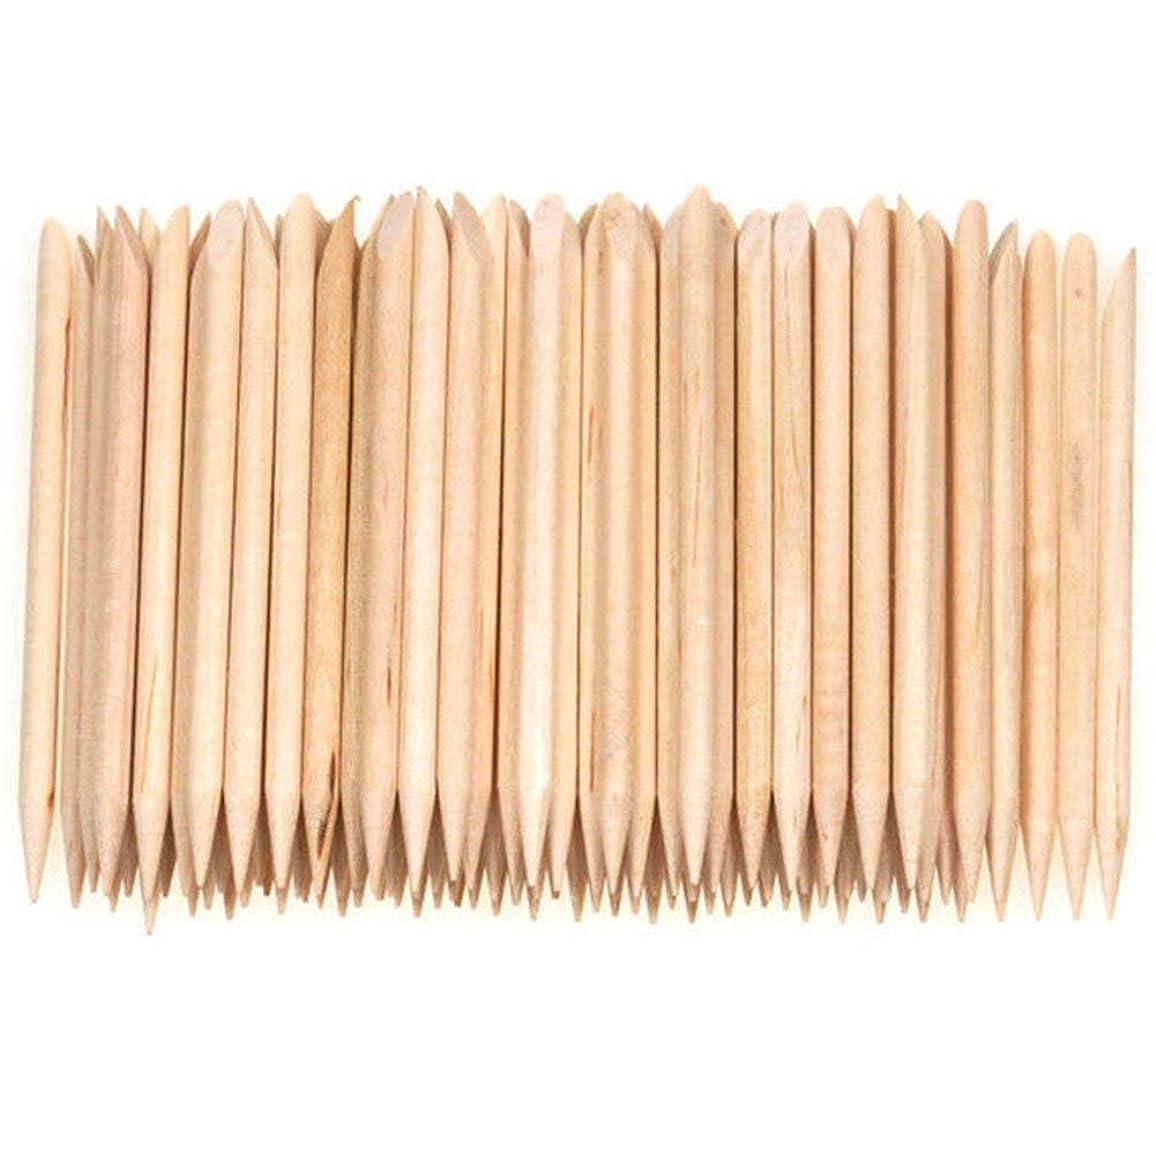 トラフィックケント実質的Semoic 100個ネイルアートデザイン木製の棒キューティクルプッシャーリムーバーマニキュアケア